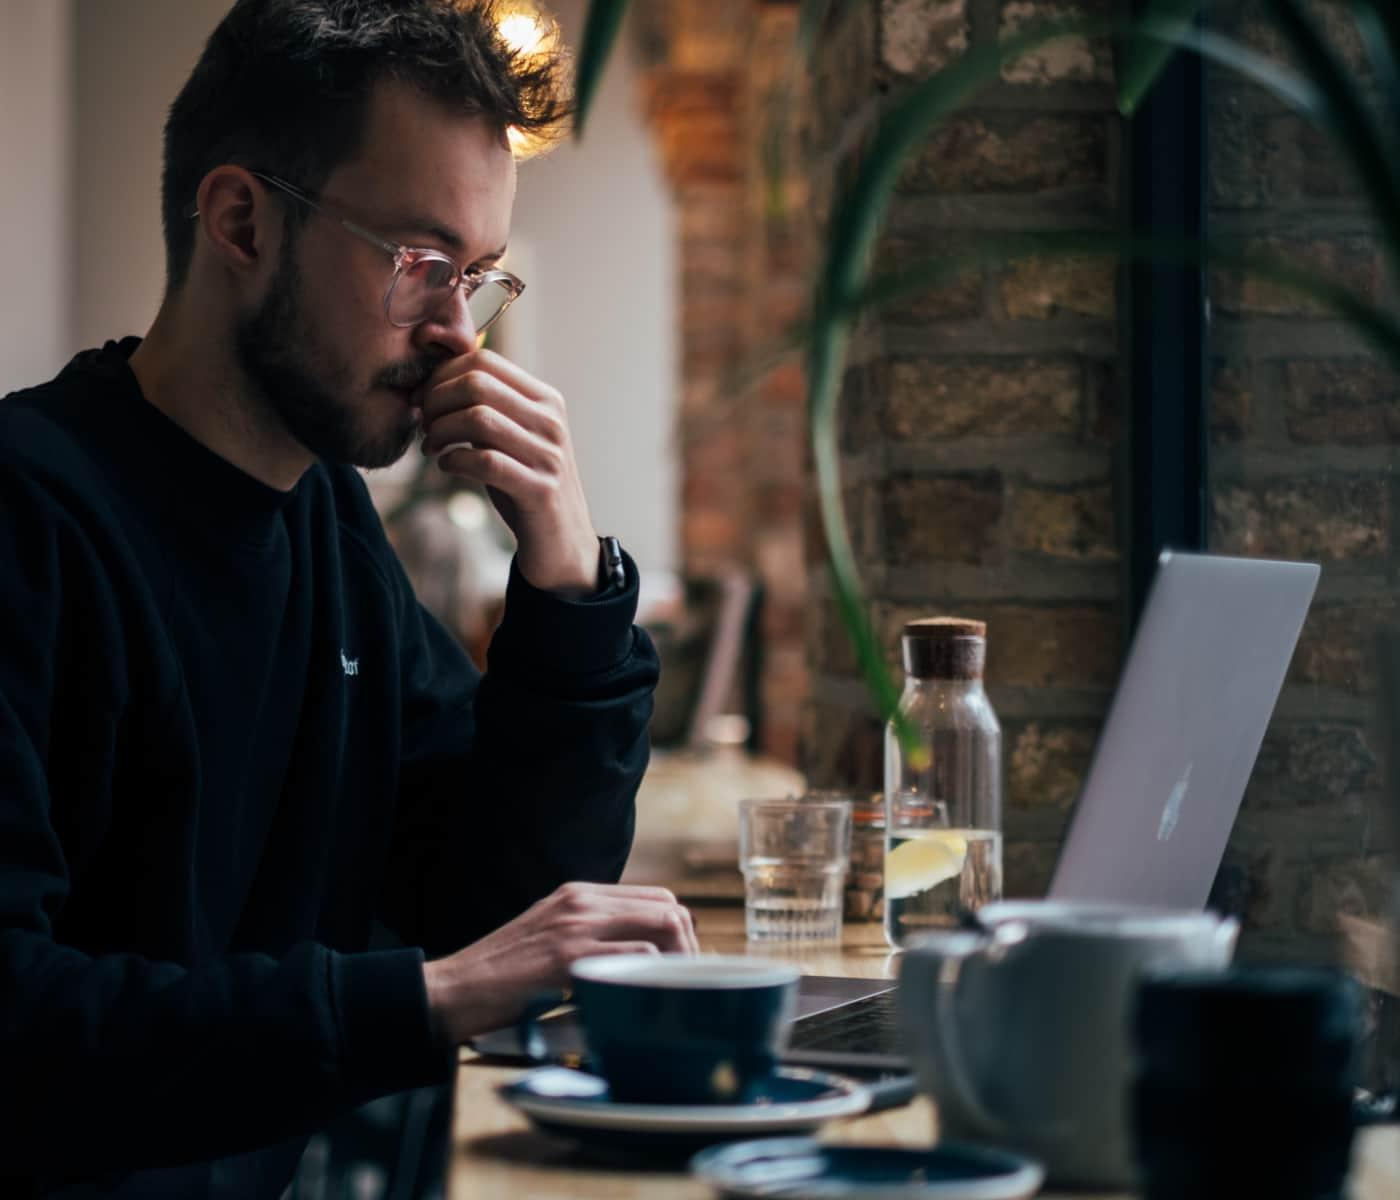 Image d'un homme travaillant dans un café